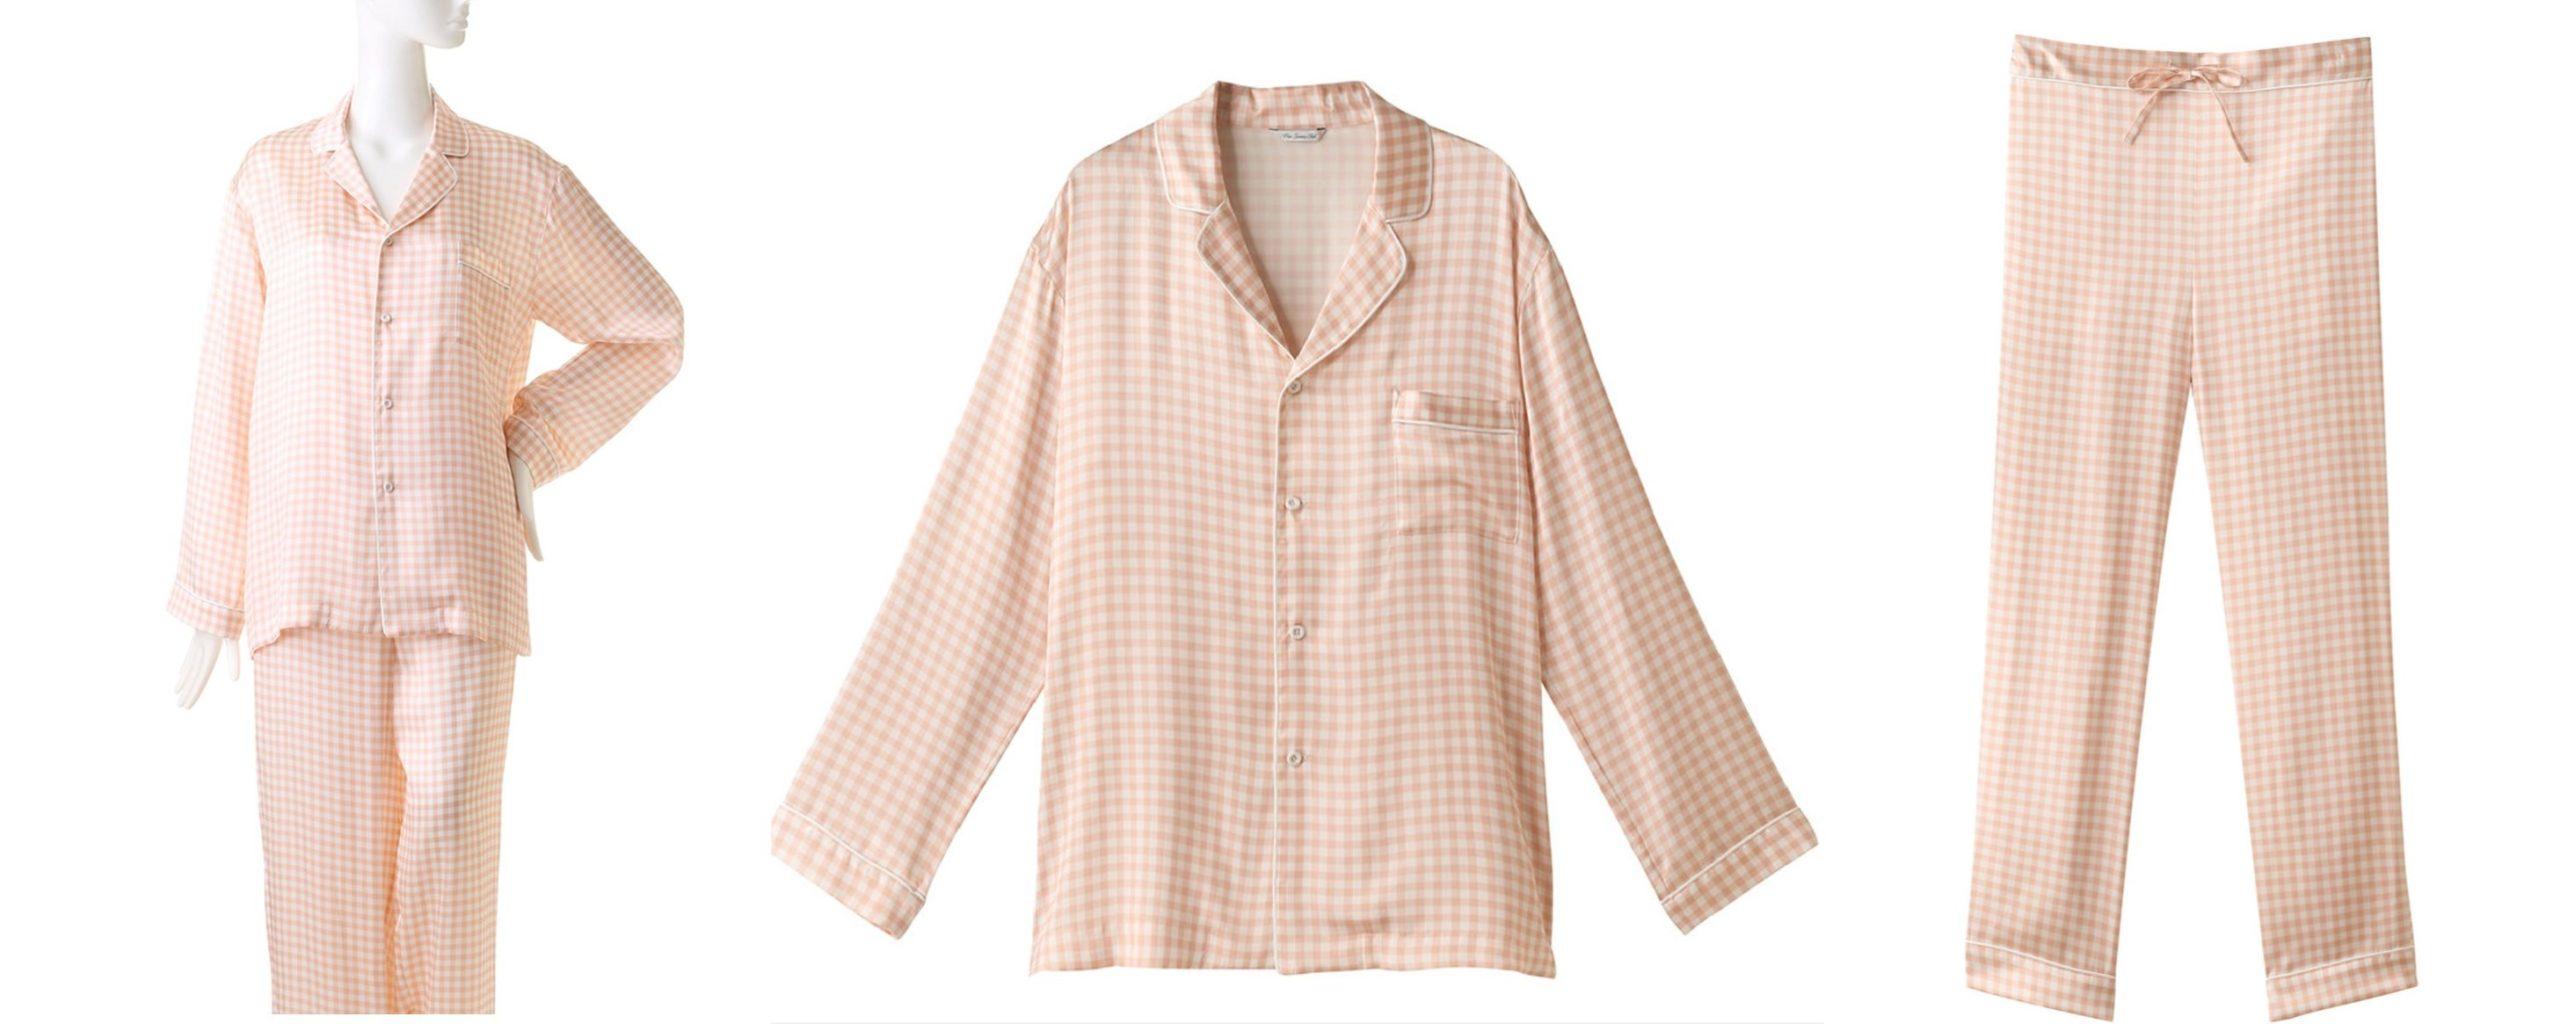 逃げ恥新春スペシャルのみくりパジャマはこれ!